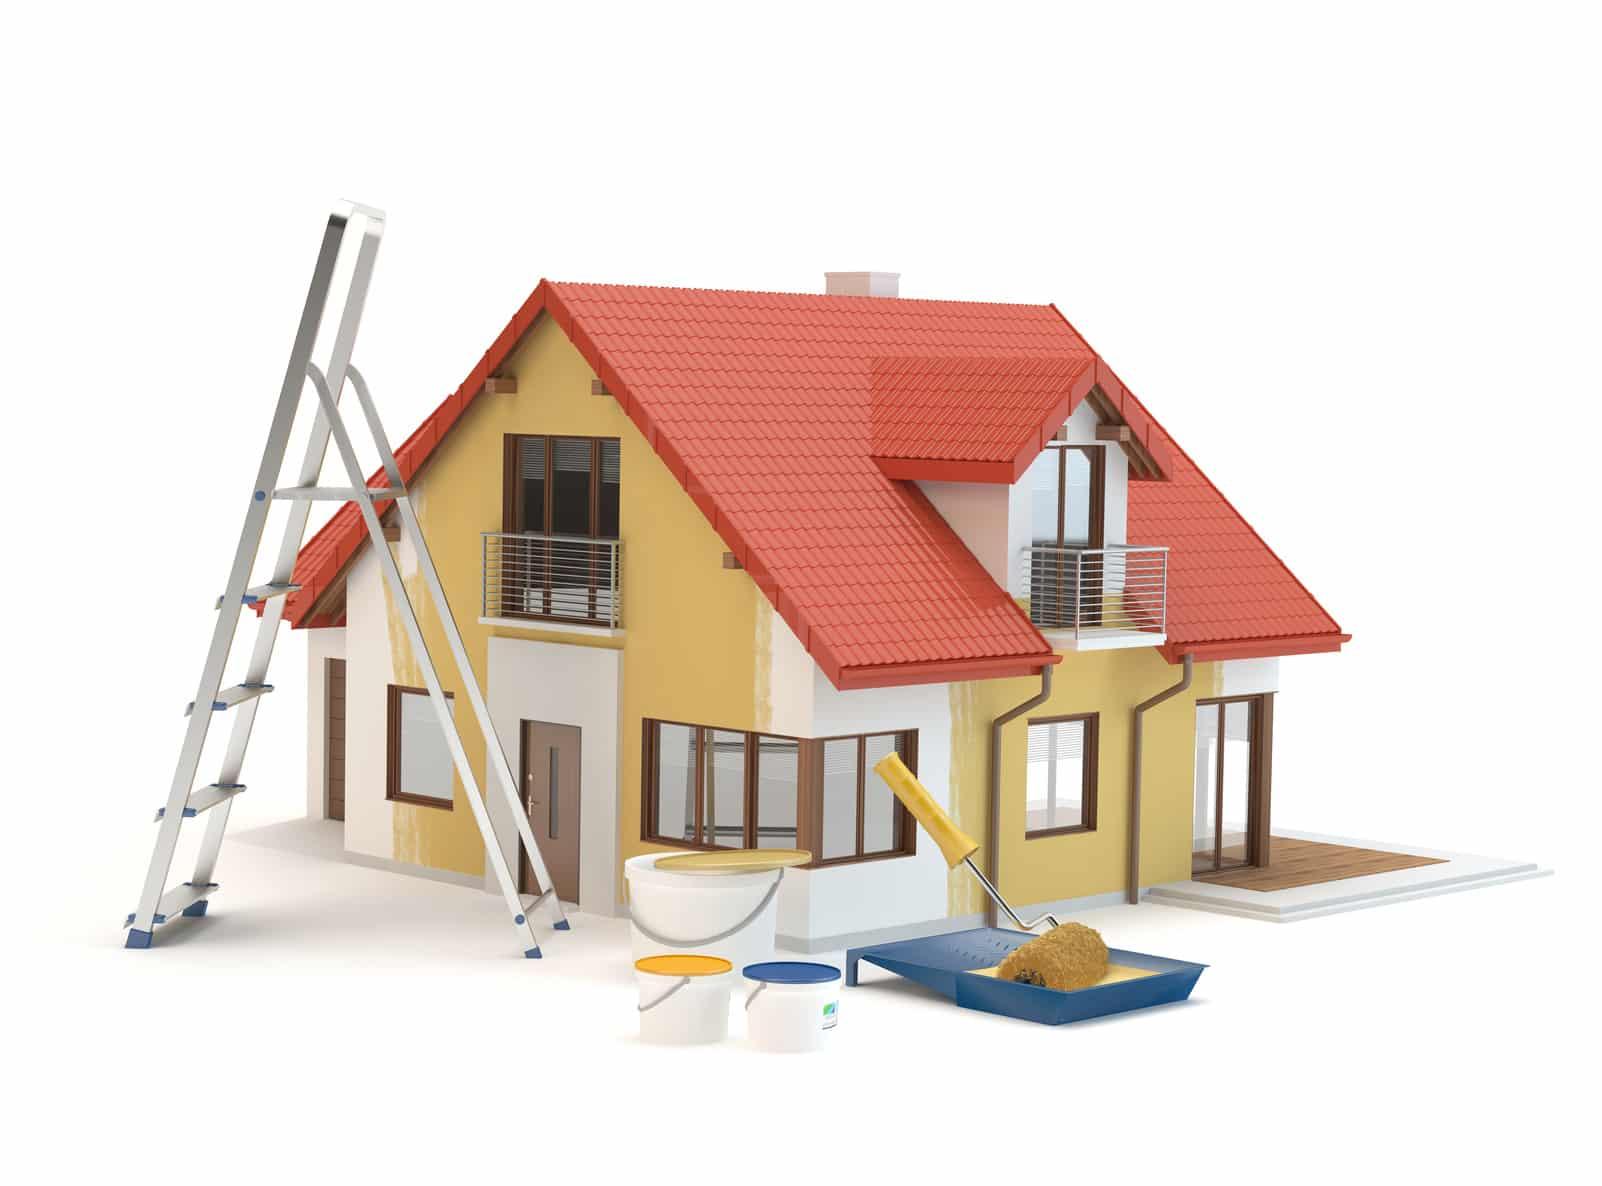 Prix pour peindre une toiture tous les tarifs et devis - Peinture pour toiture tuile beton prix ...